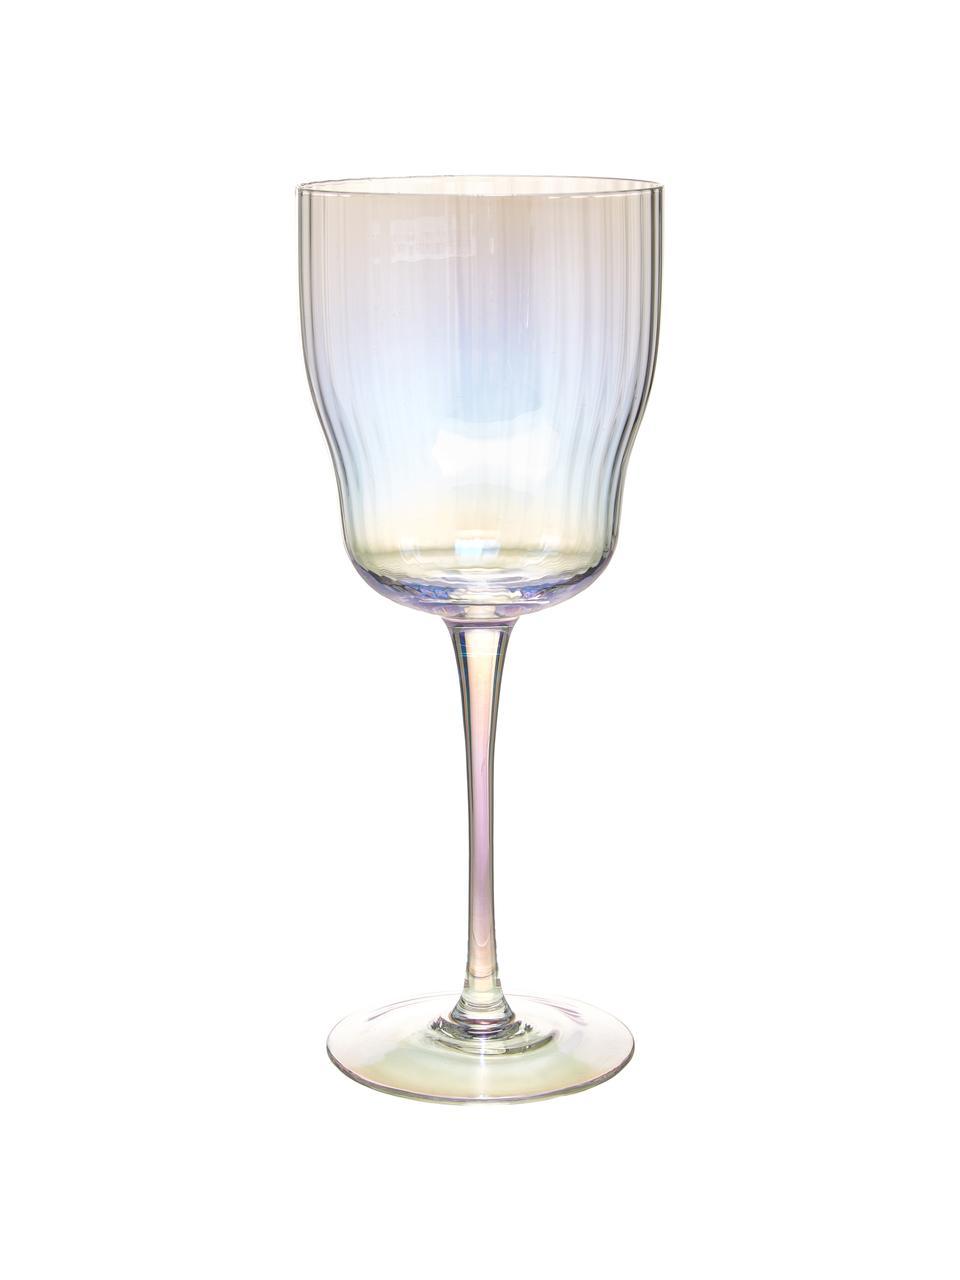 Bicchiere vino in vetro soffiato con rilievo scanalato e lucentezza perlacea Juno 4 pz, Vetro, Trasparente, Ø 9 x Alt. 21 cm